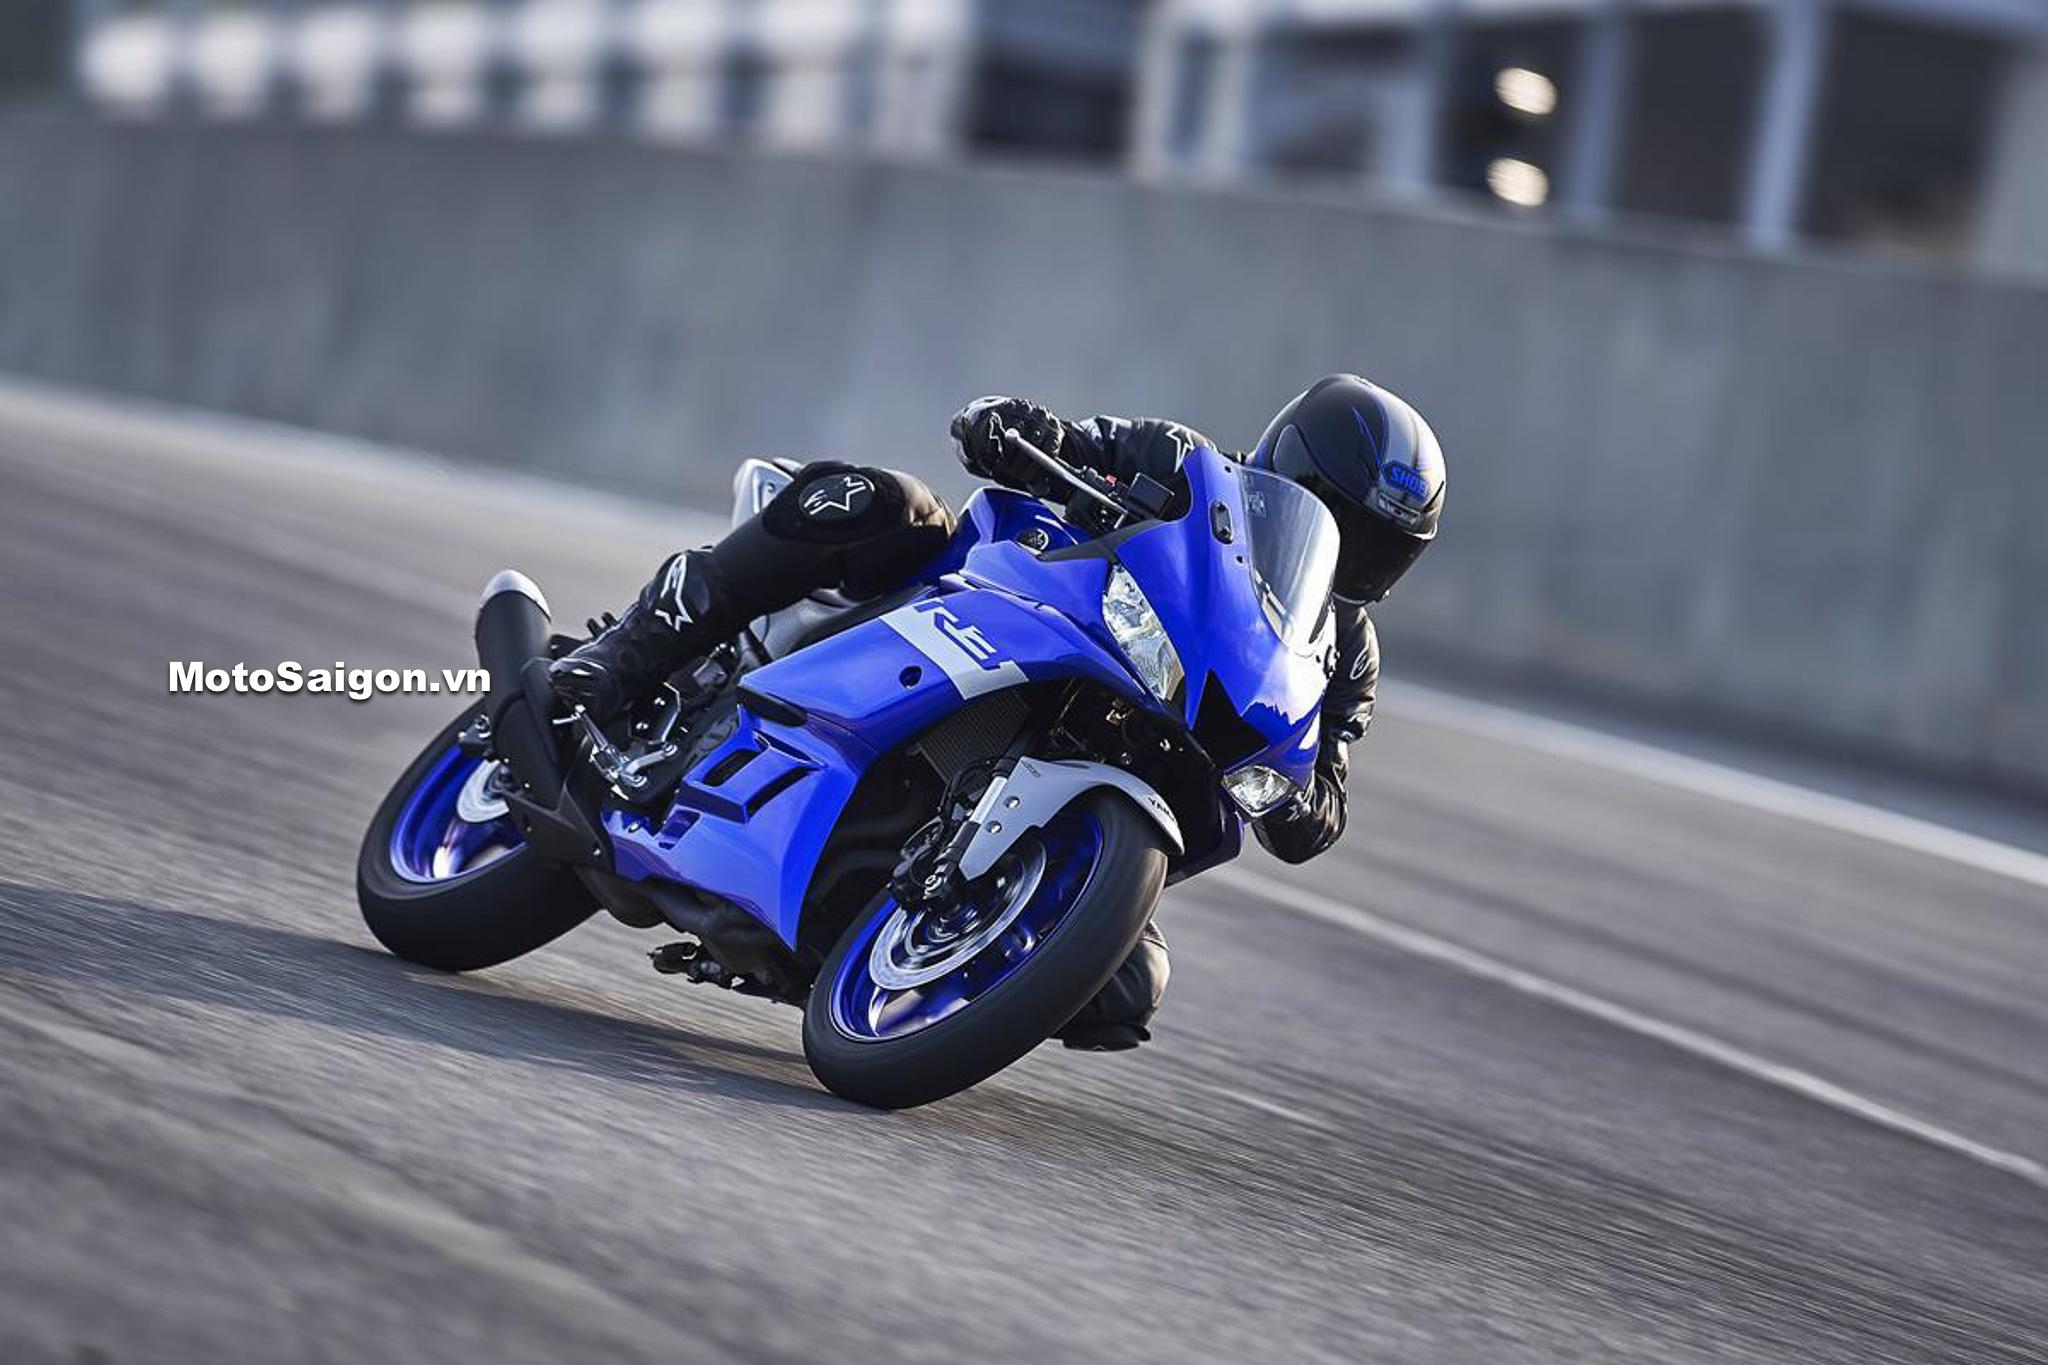 Yamaha R3 2019 bị triệu hồi vì lỗi phanh trước